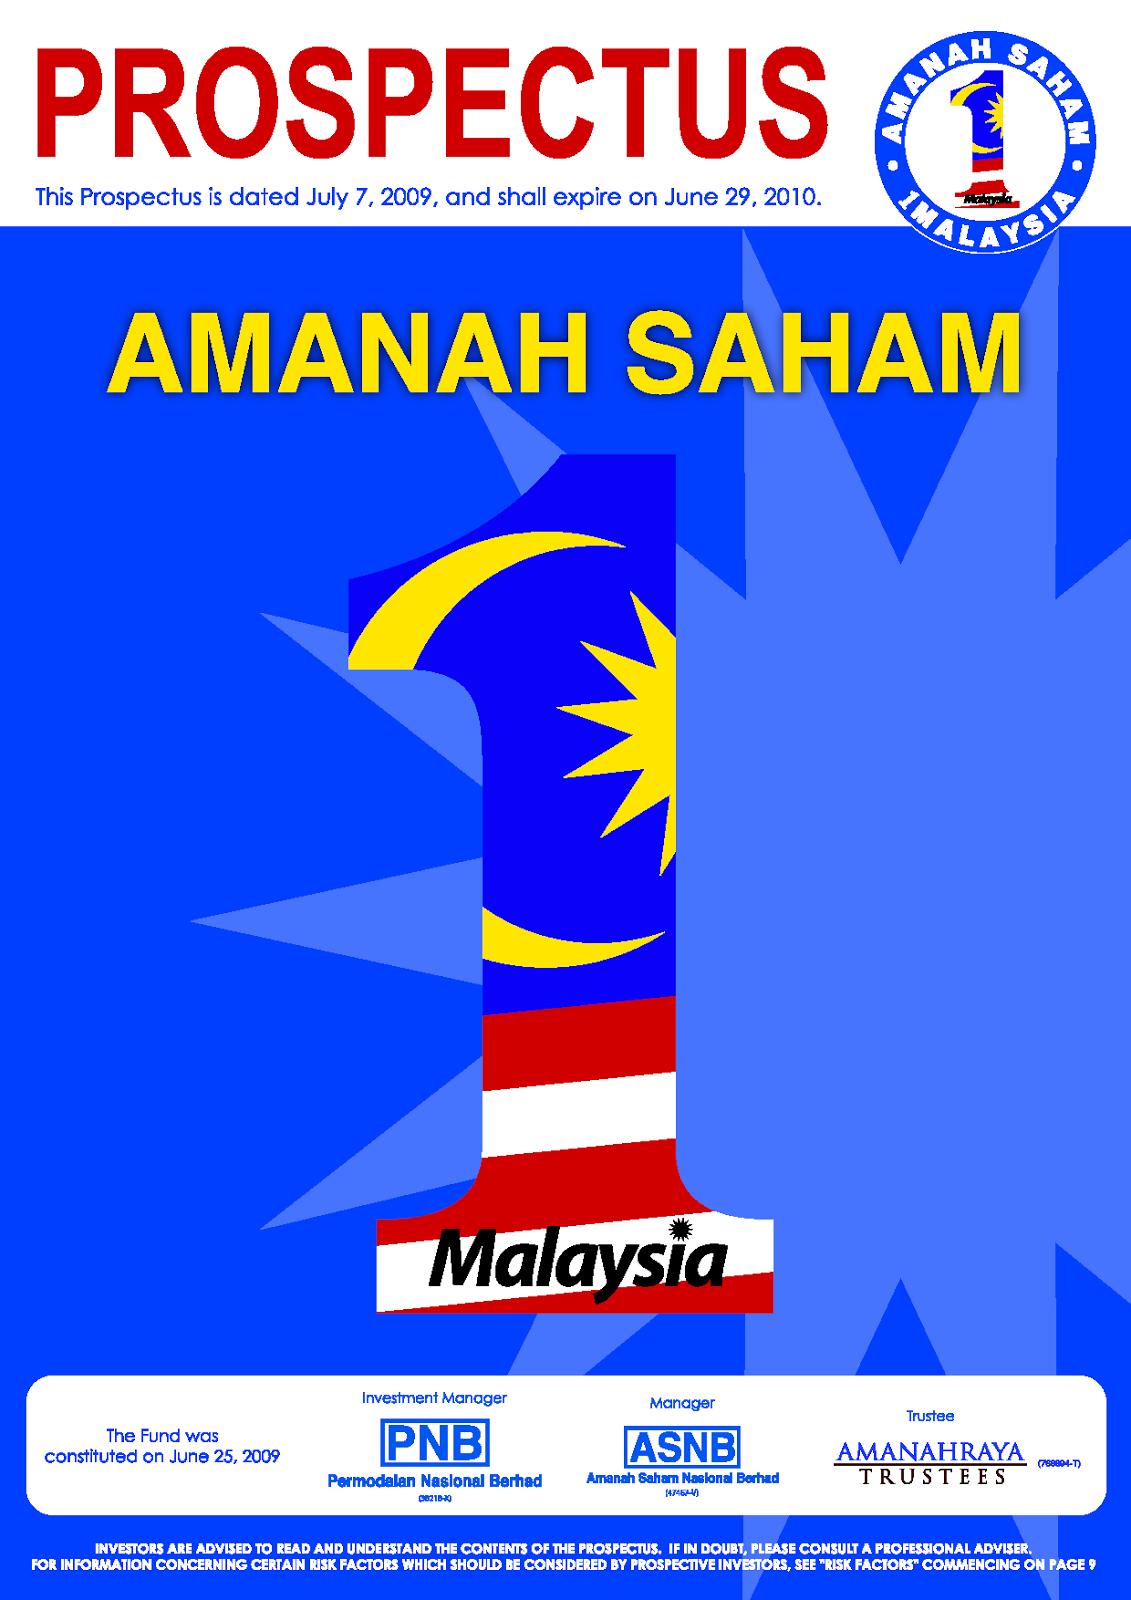 PNB agih RM664 22 juta pendapatan bagi AS1M